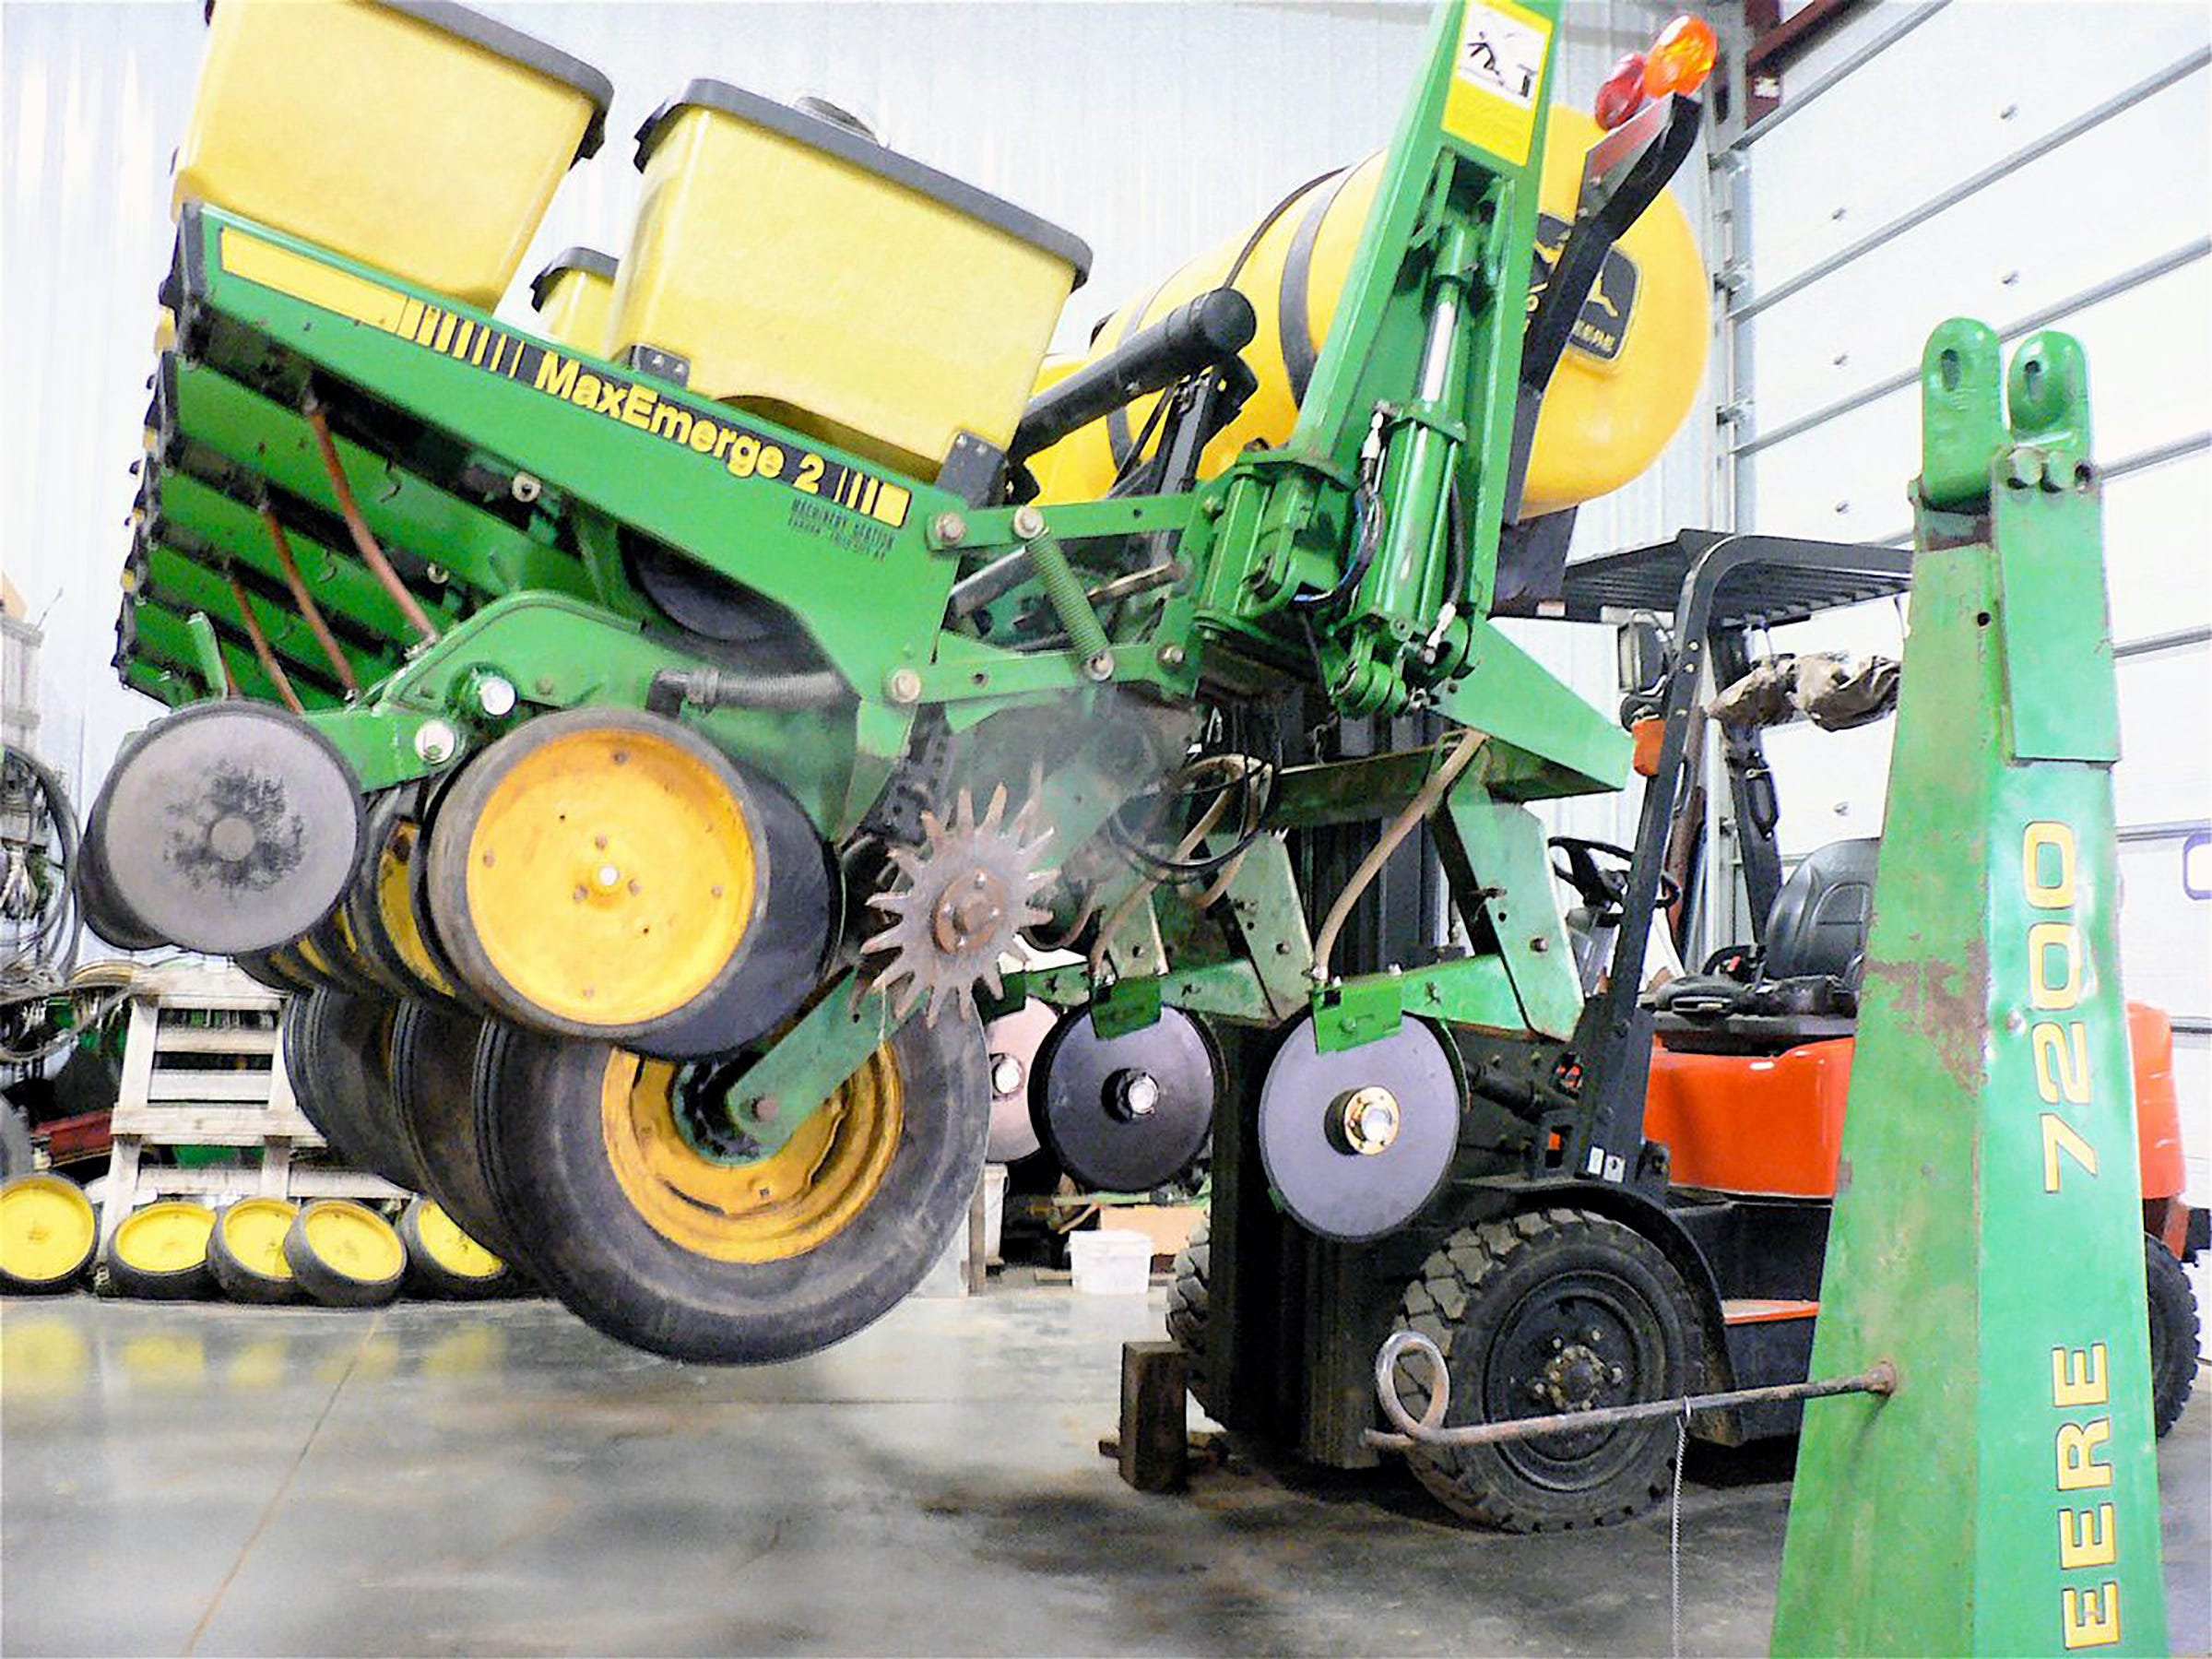 Friske specializes in John Deere corn planters.